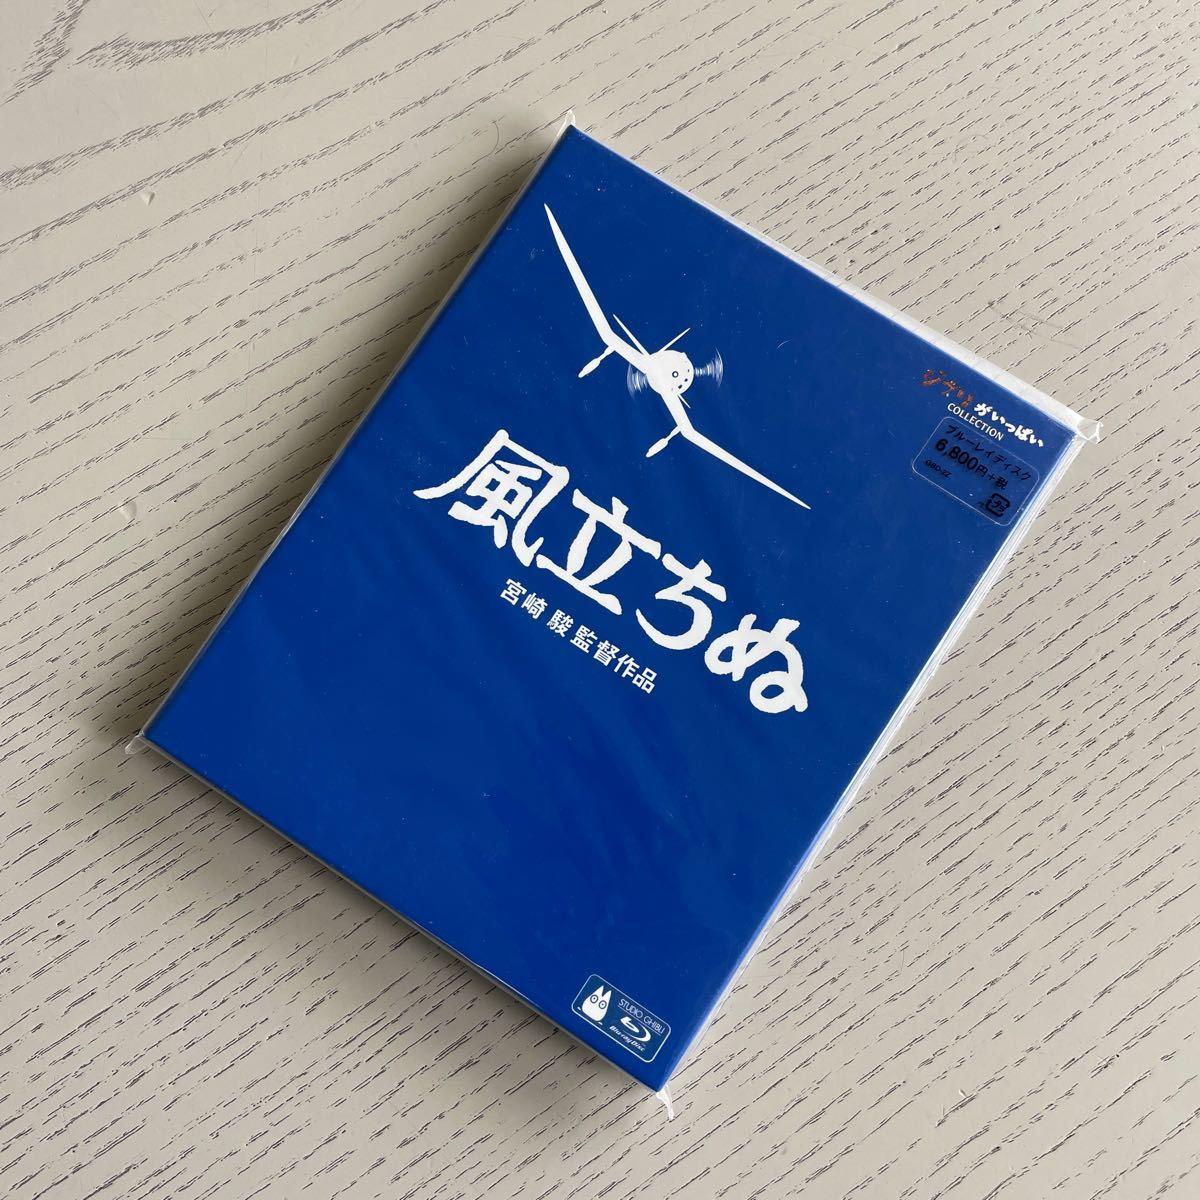 新品未開封 風立ちぬ Blu-ray ブルーレイ スタジオジブリ